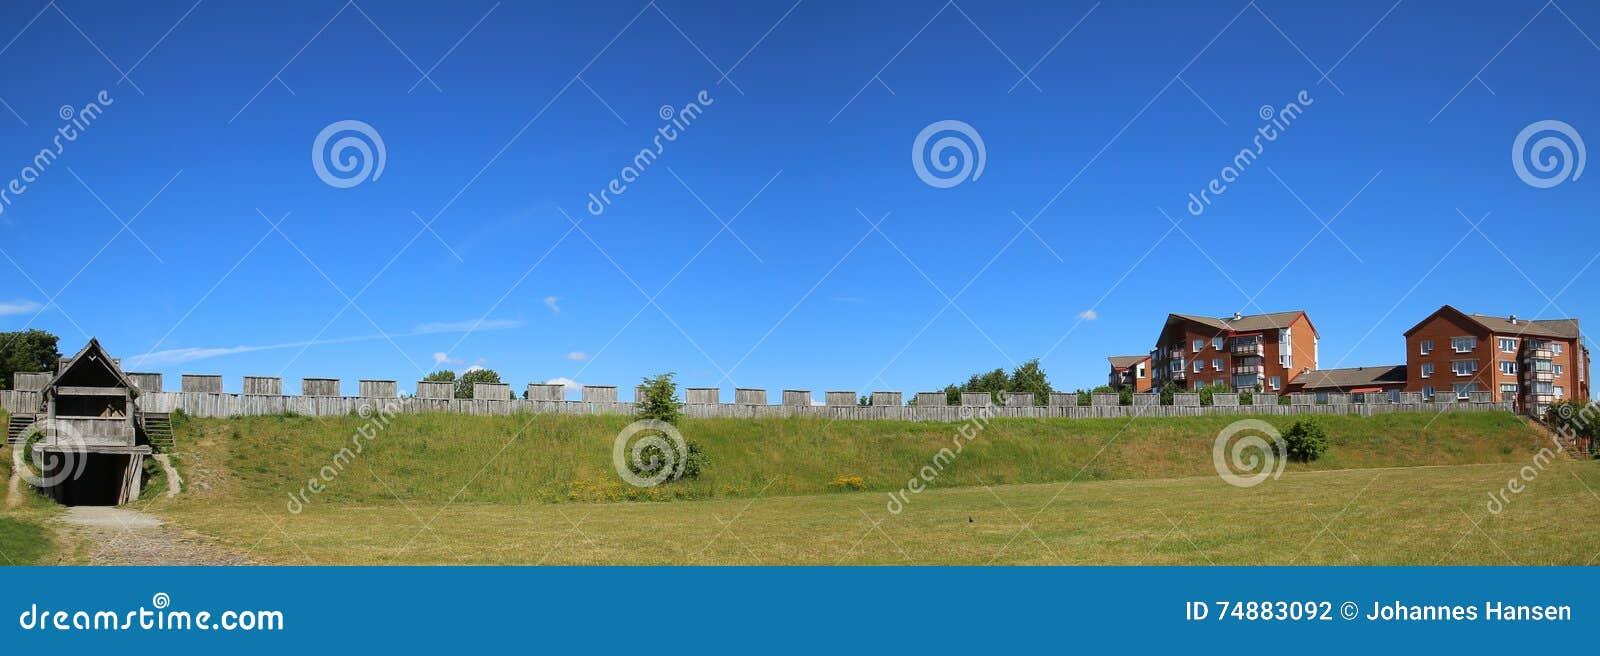 Vista panorâmica no interior do castelo em Trelleborg, Suécia